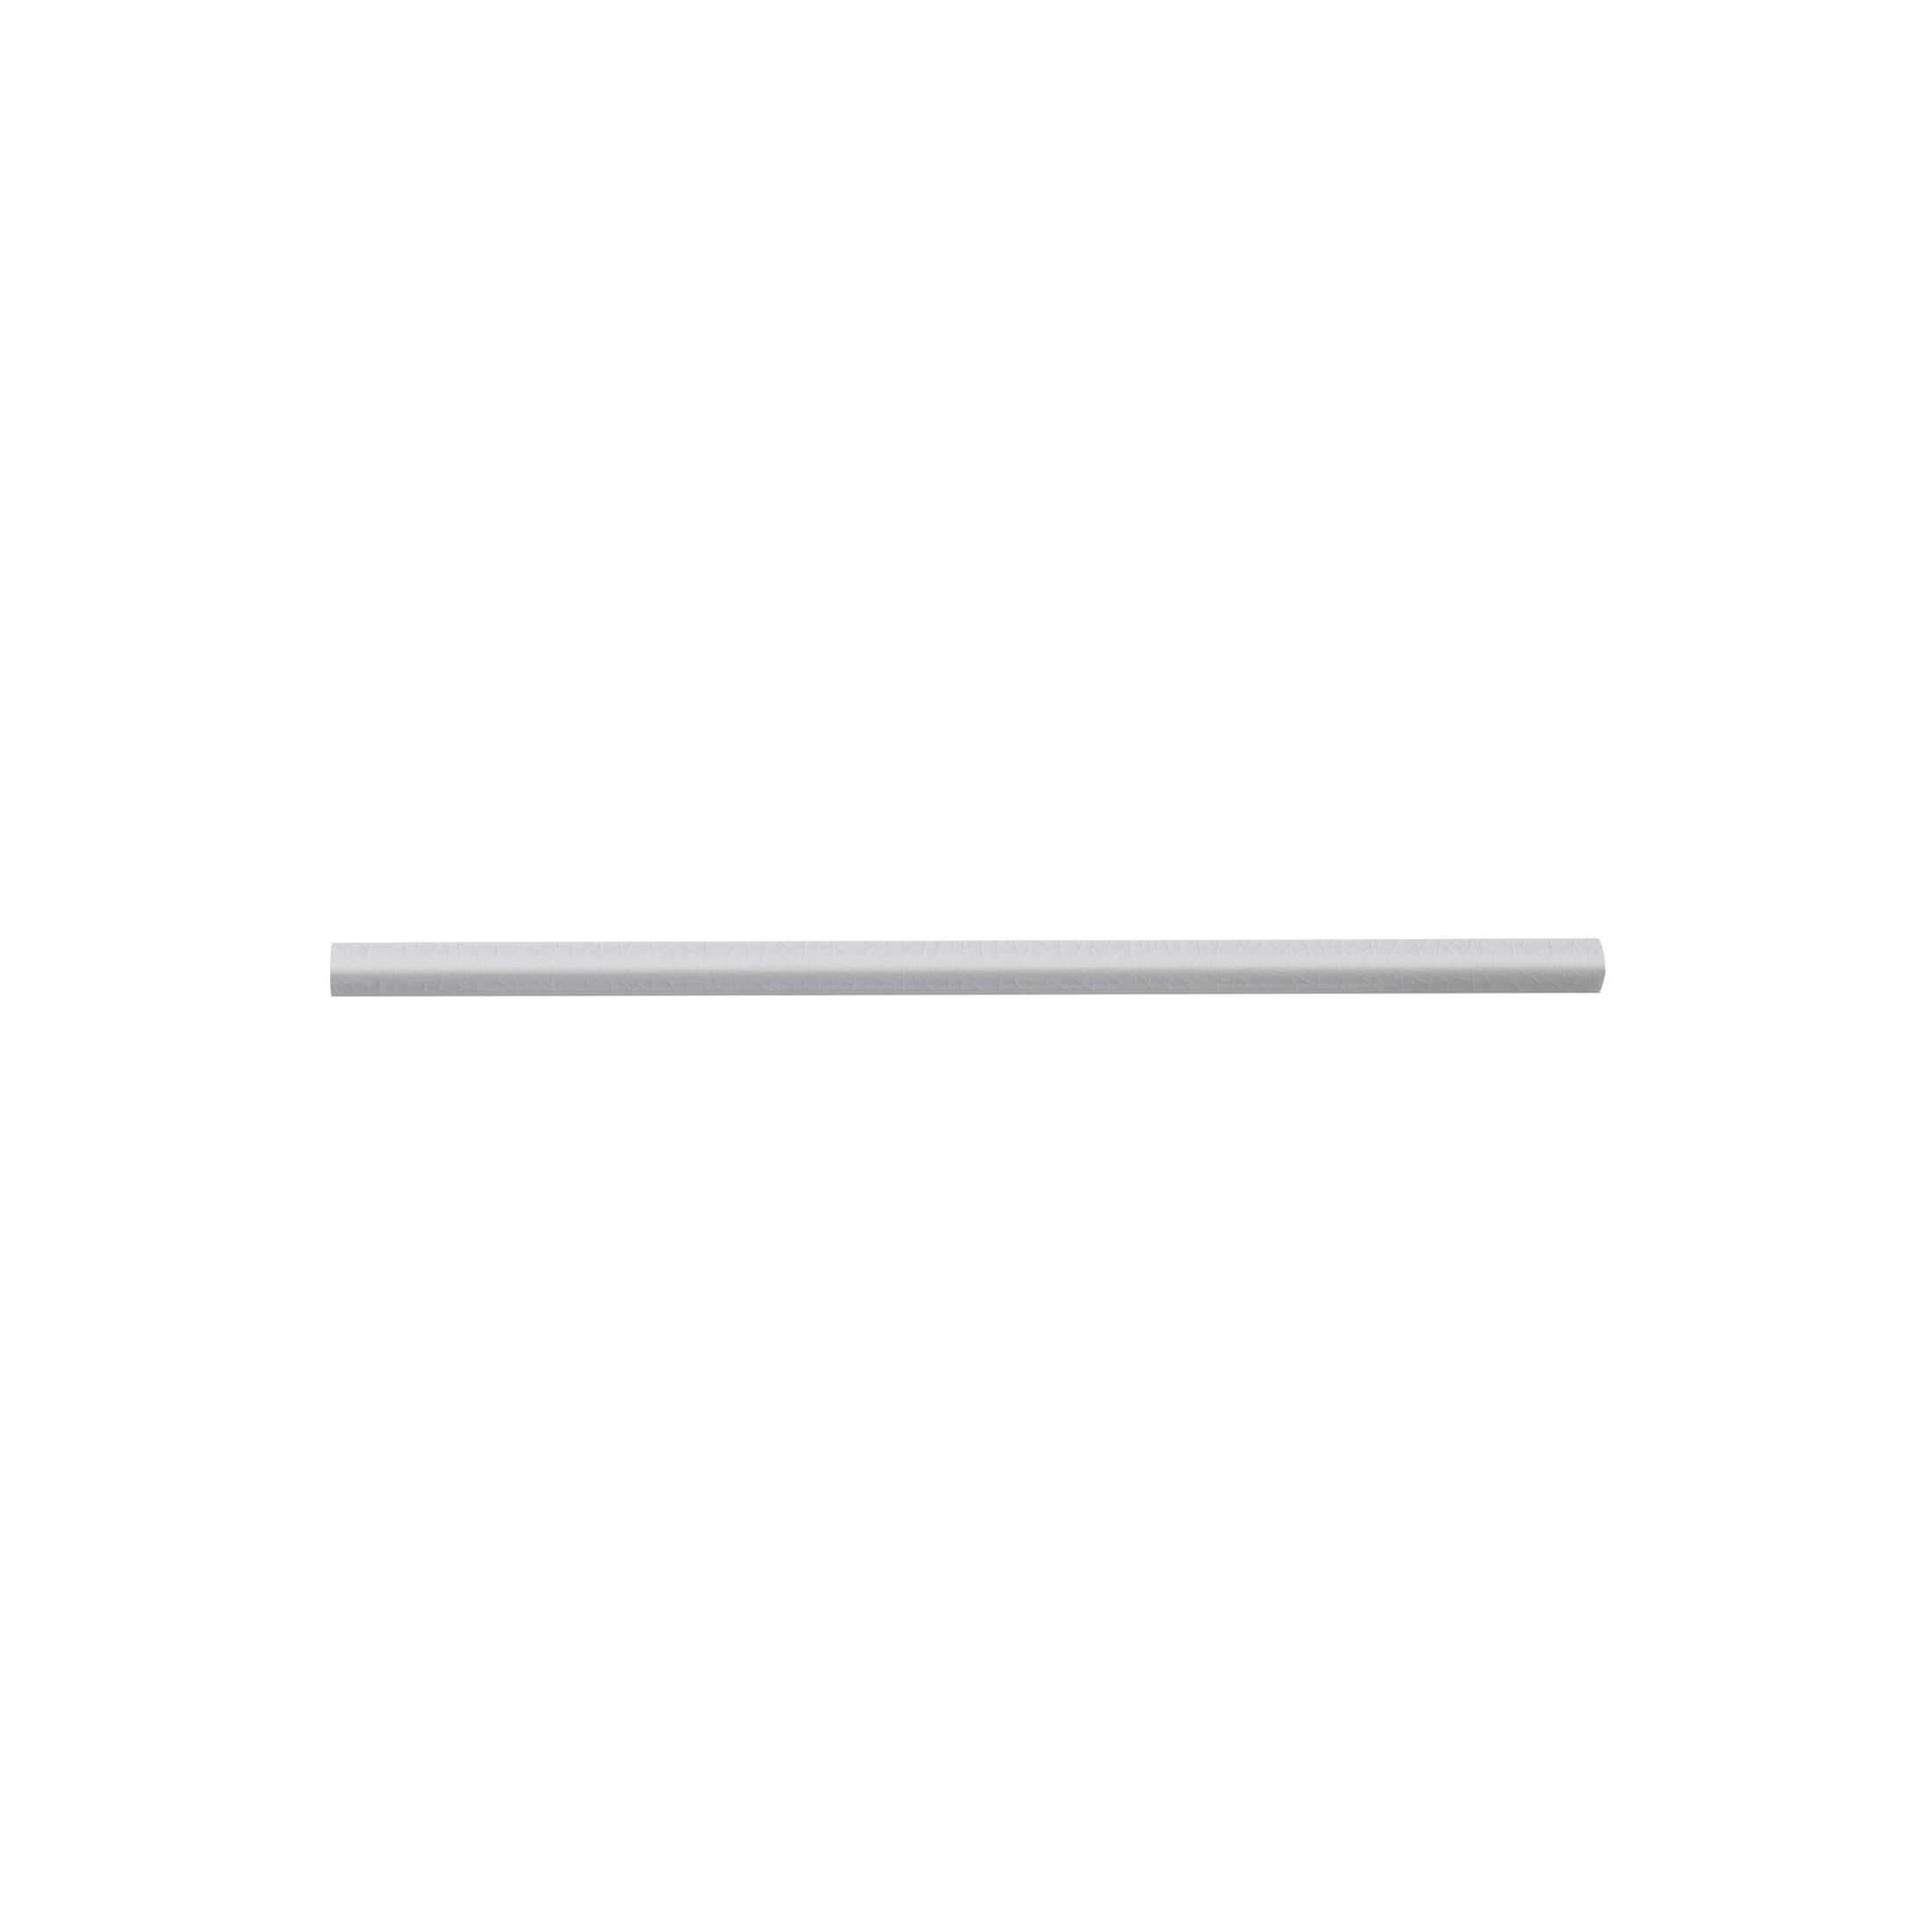 ADMO5450 - BULLNOSE TRIM C/C - 0,85 cm X 20 cm